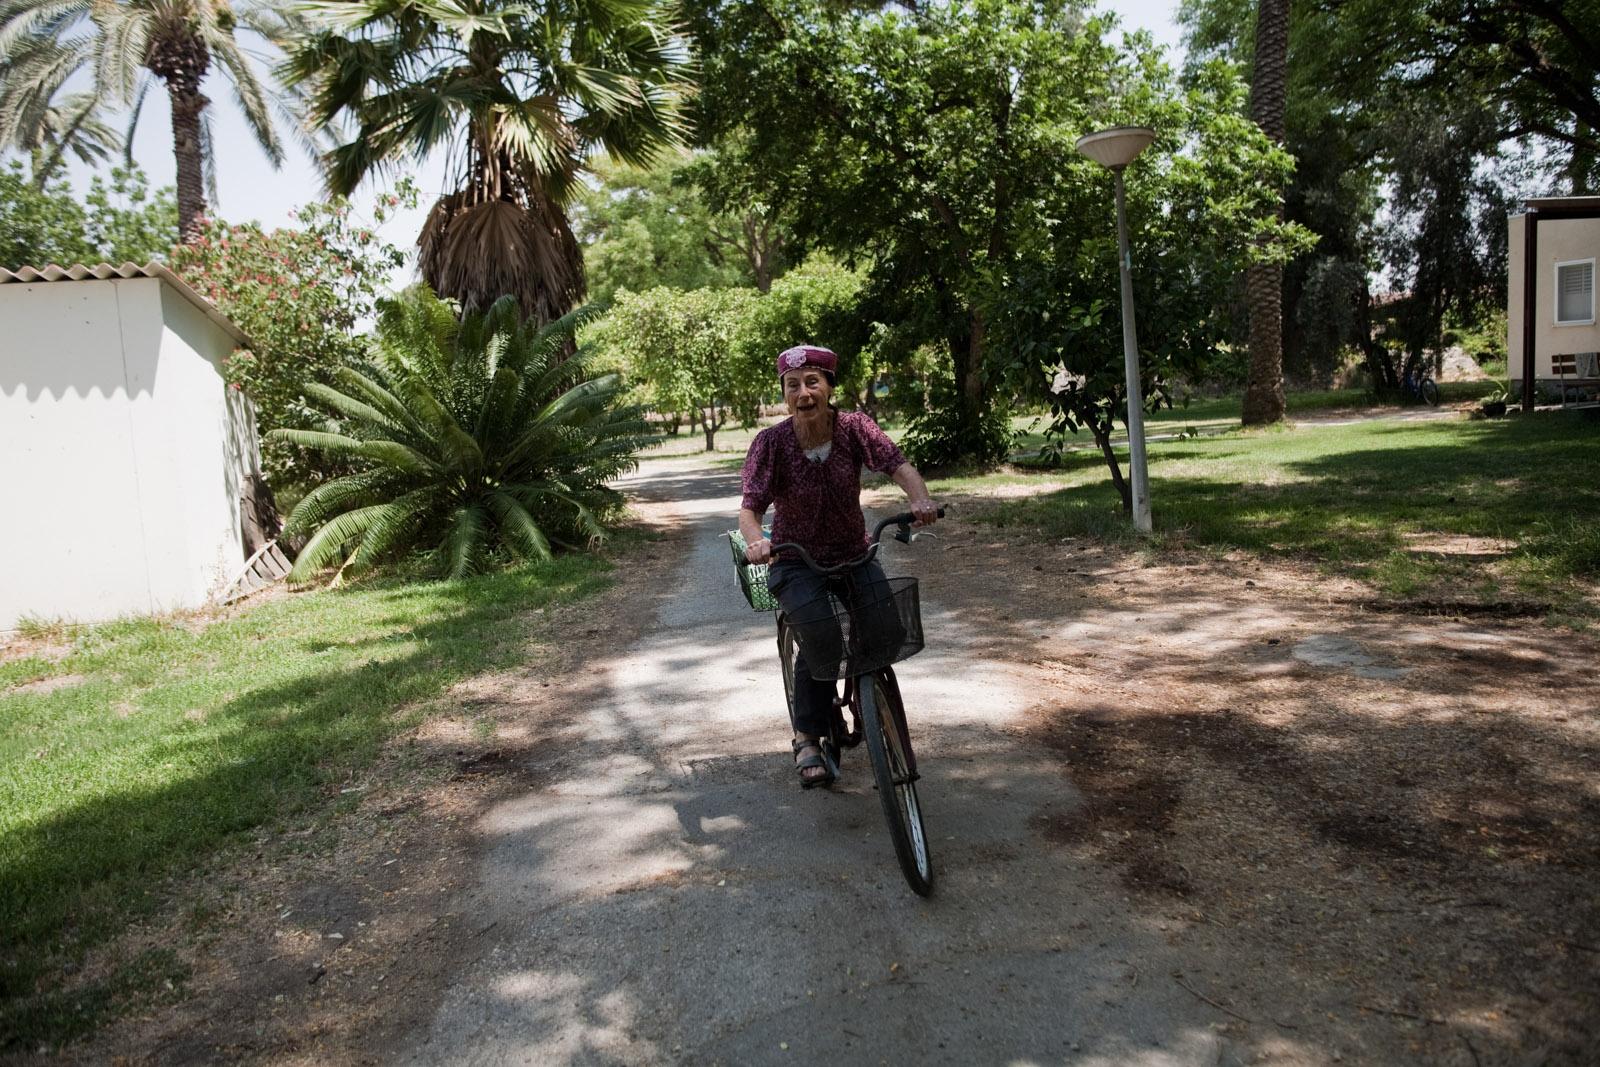 Comme dans tous les kibbutz, le moyen de locomotion est le vélo